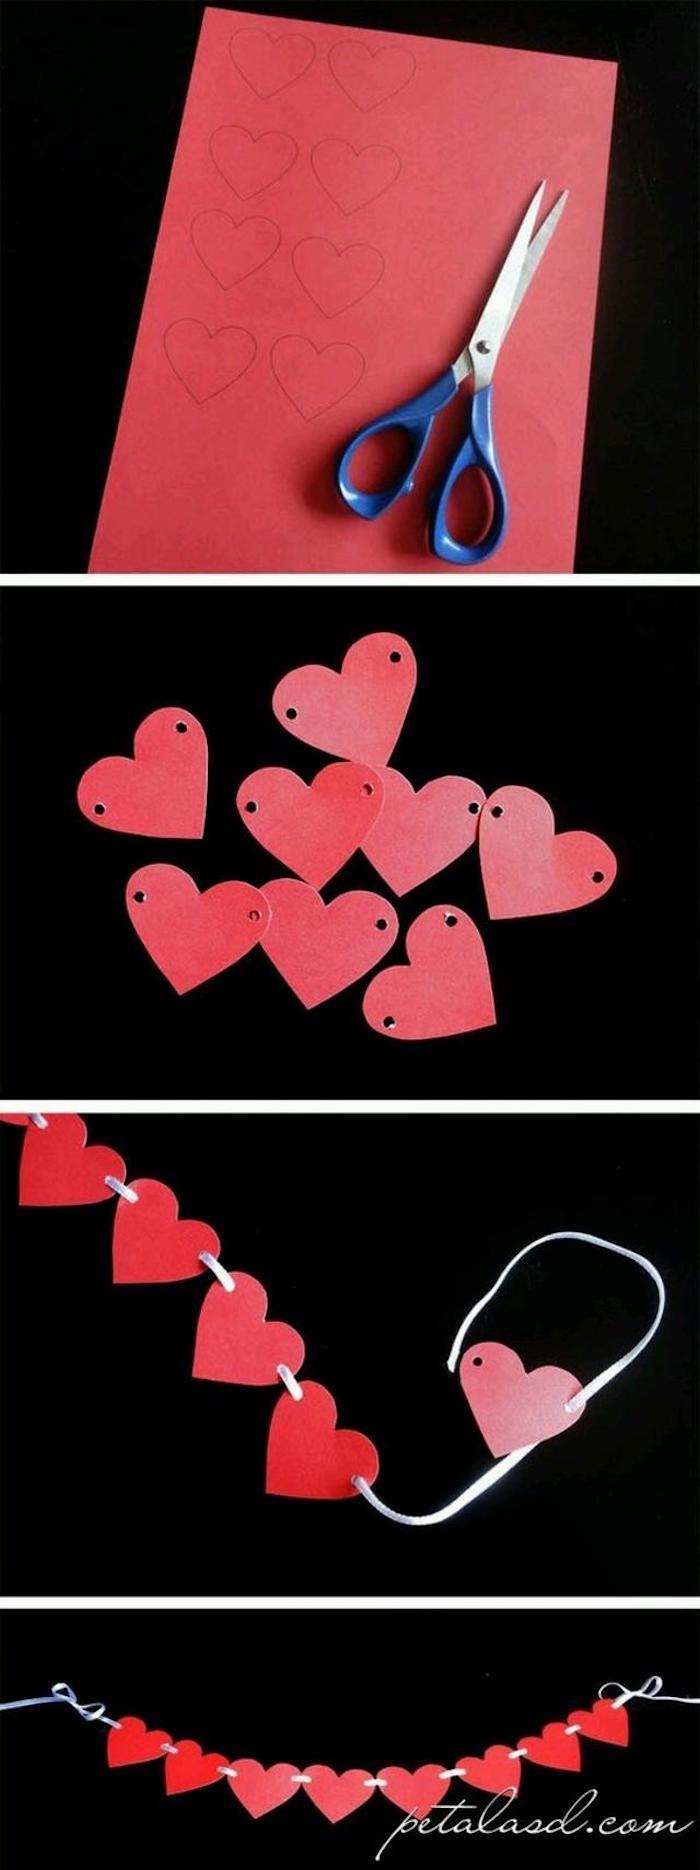 Guirlande de coeurs rouges diy, coeur saint valentin, décoration de saint valentin, idee deco soiree romantique